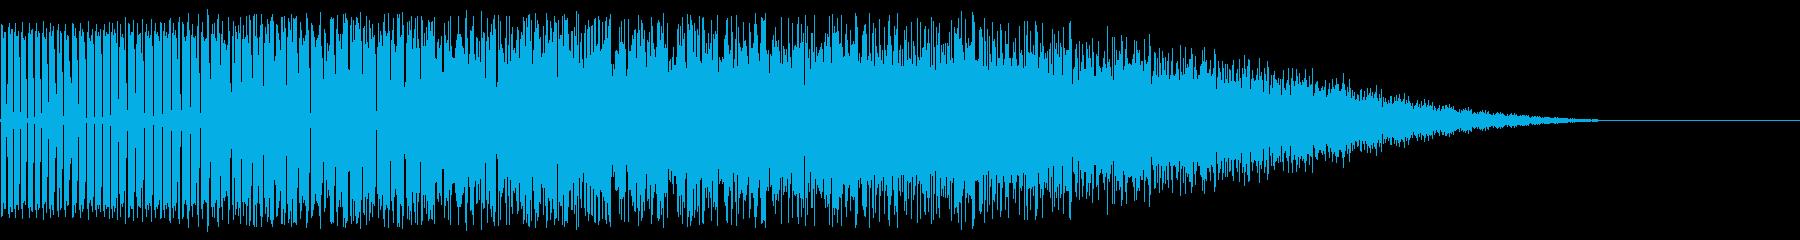 ワープ音の再生済みの波形